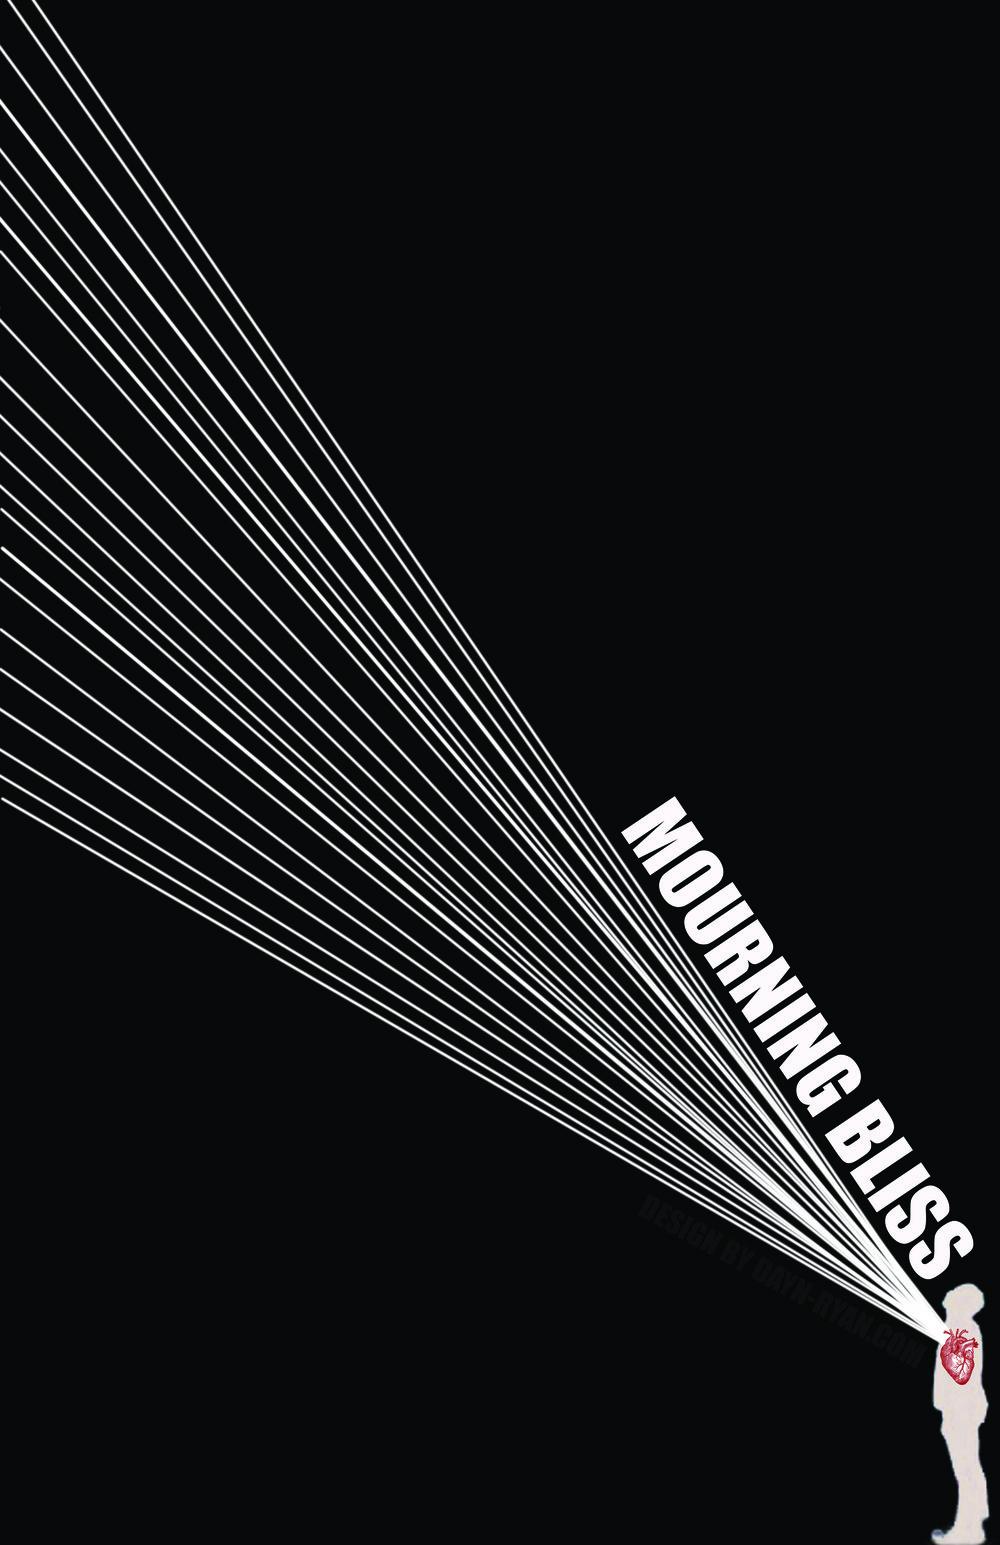 Poster 11 x 17 Mourning Bliss (1).jpg